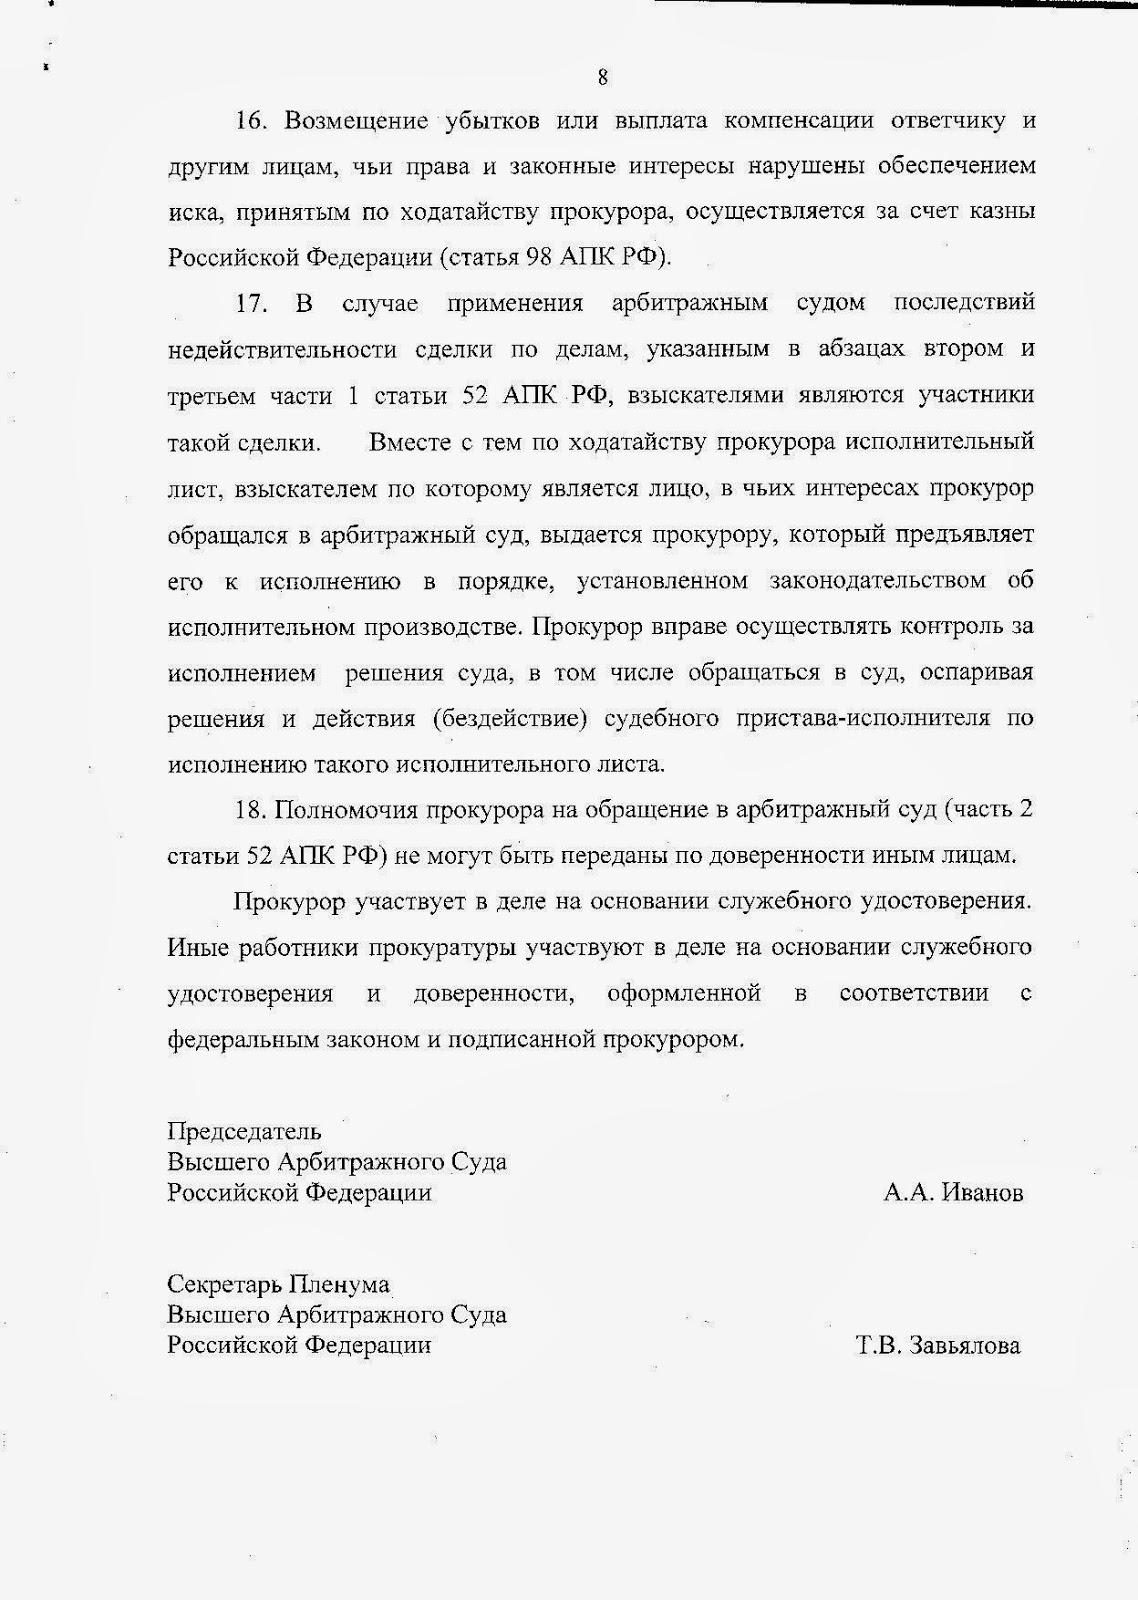 Постановление пленума вас рф от 25.01.2013 n 13 о договоре аренды